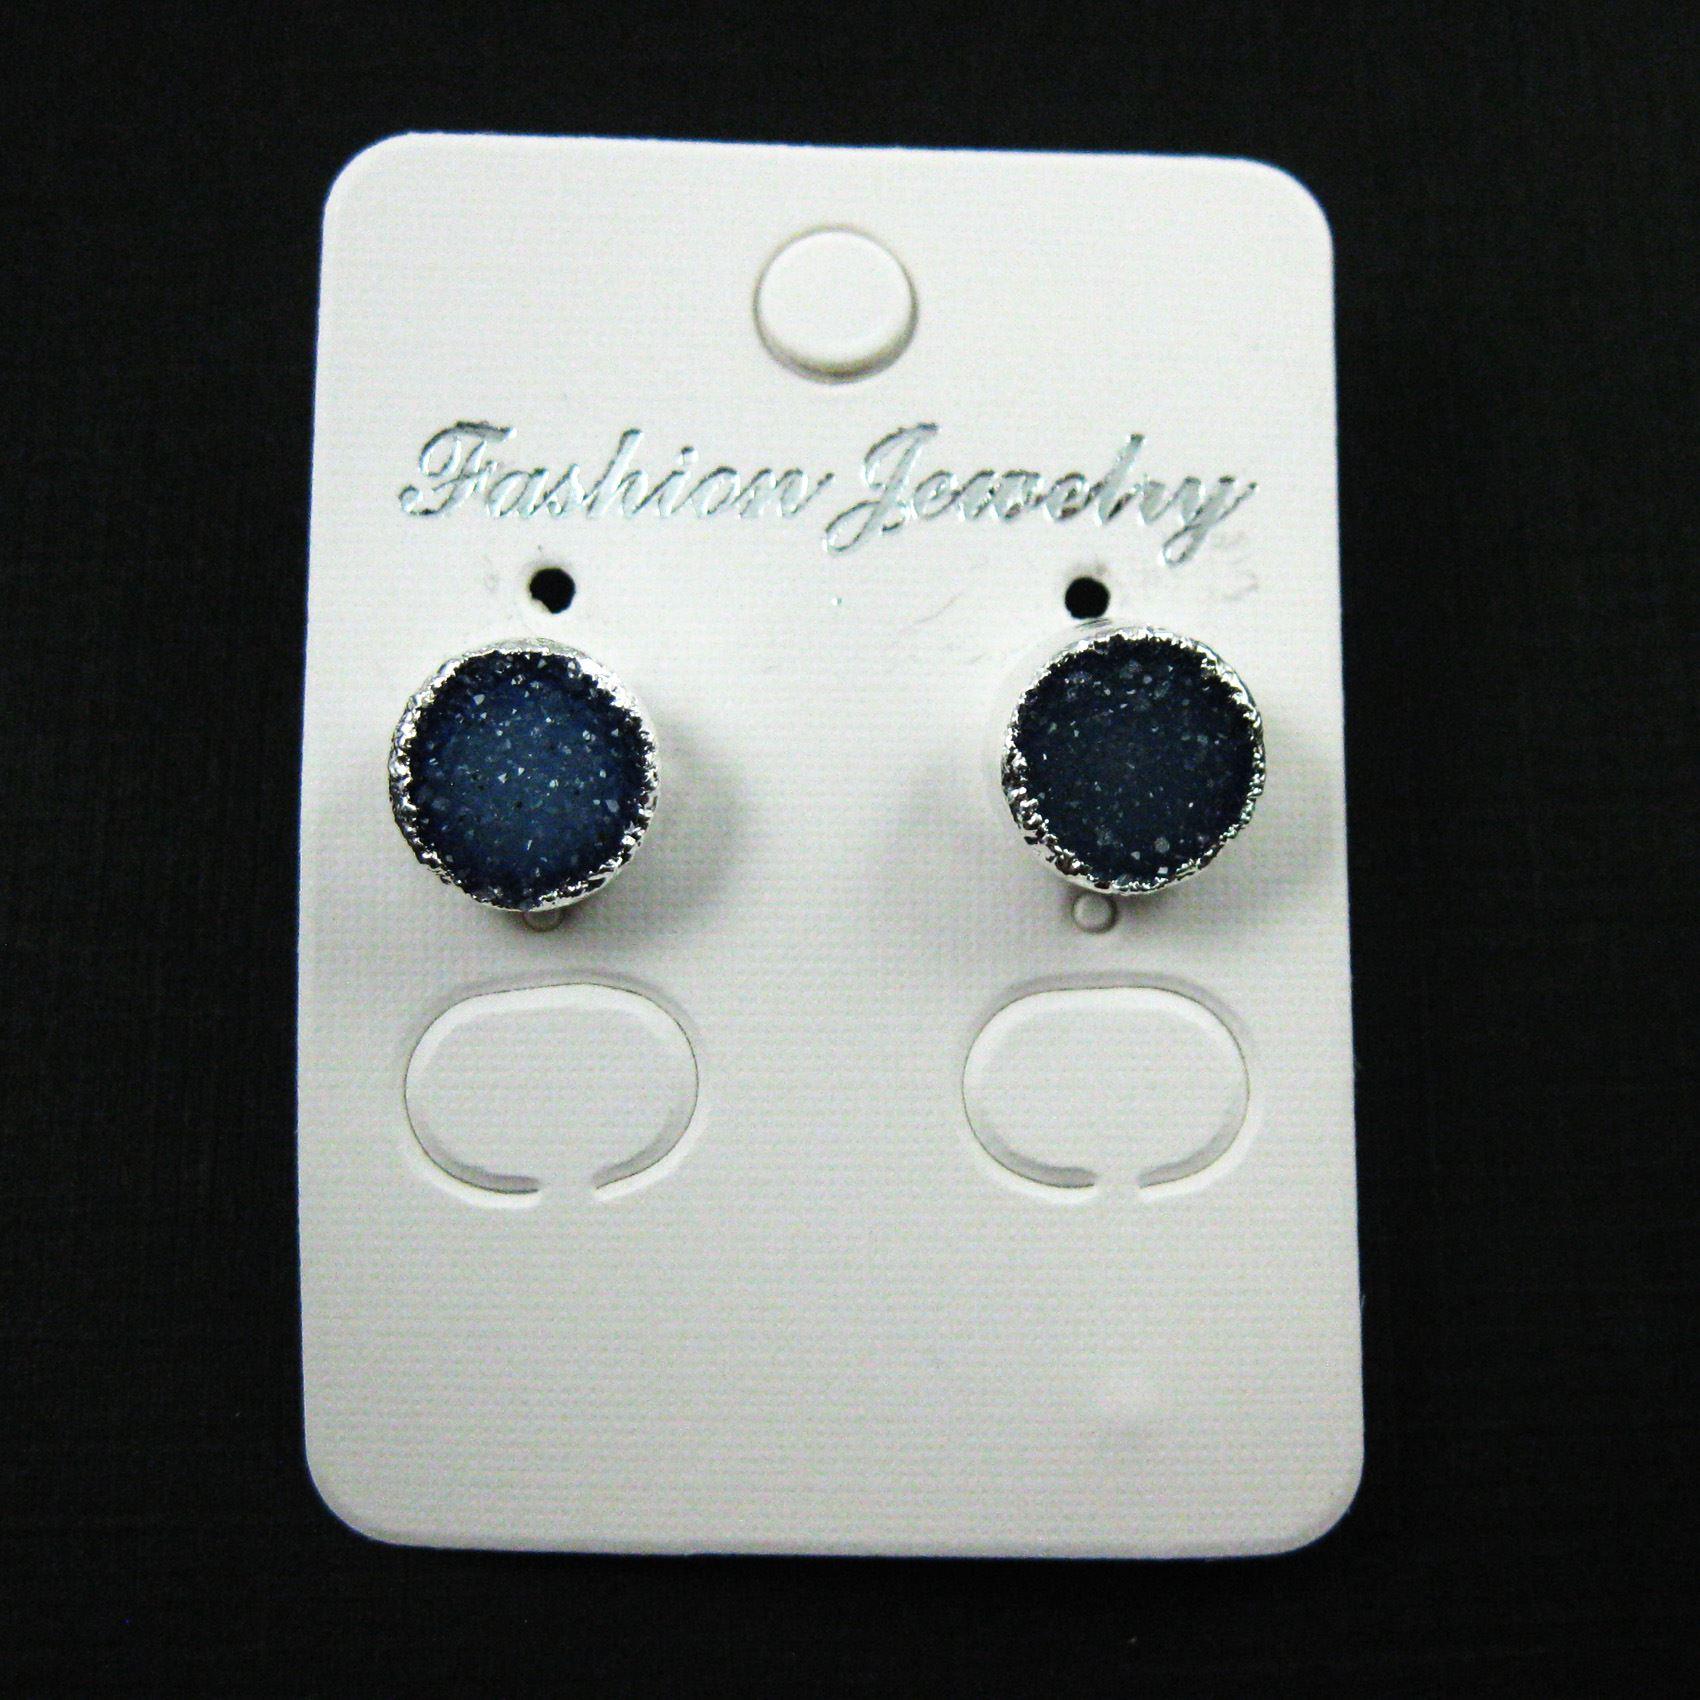 Druzy Earring Studs,Blue Grey Druzy Agate,Gemstone Stud Earrings -Sterling Silver- Round 10mm - 1 Pair